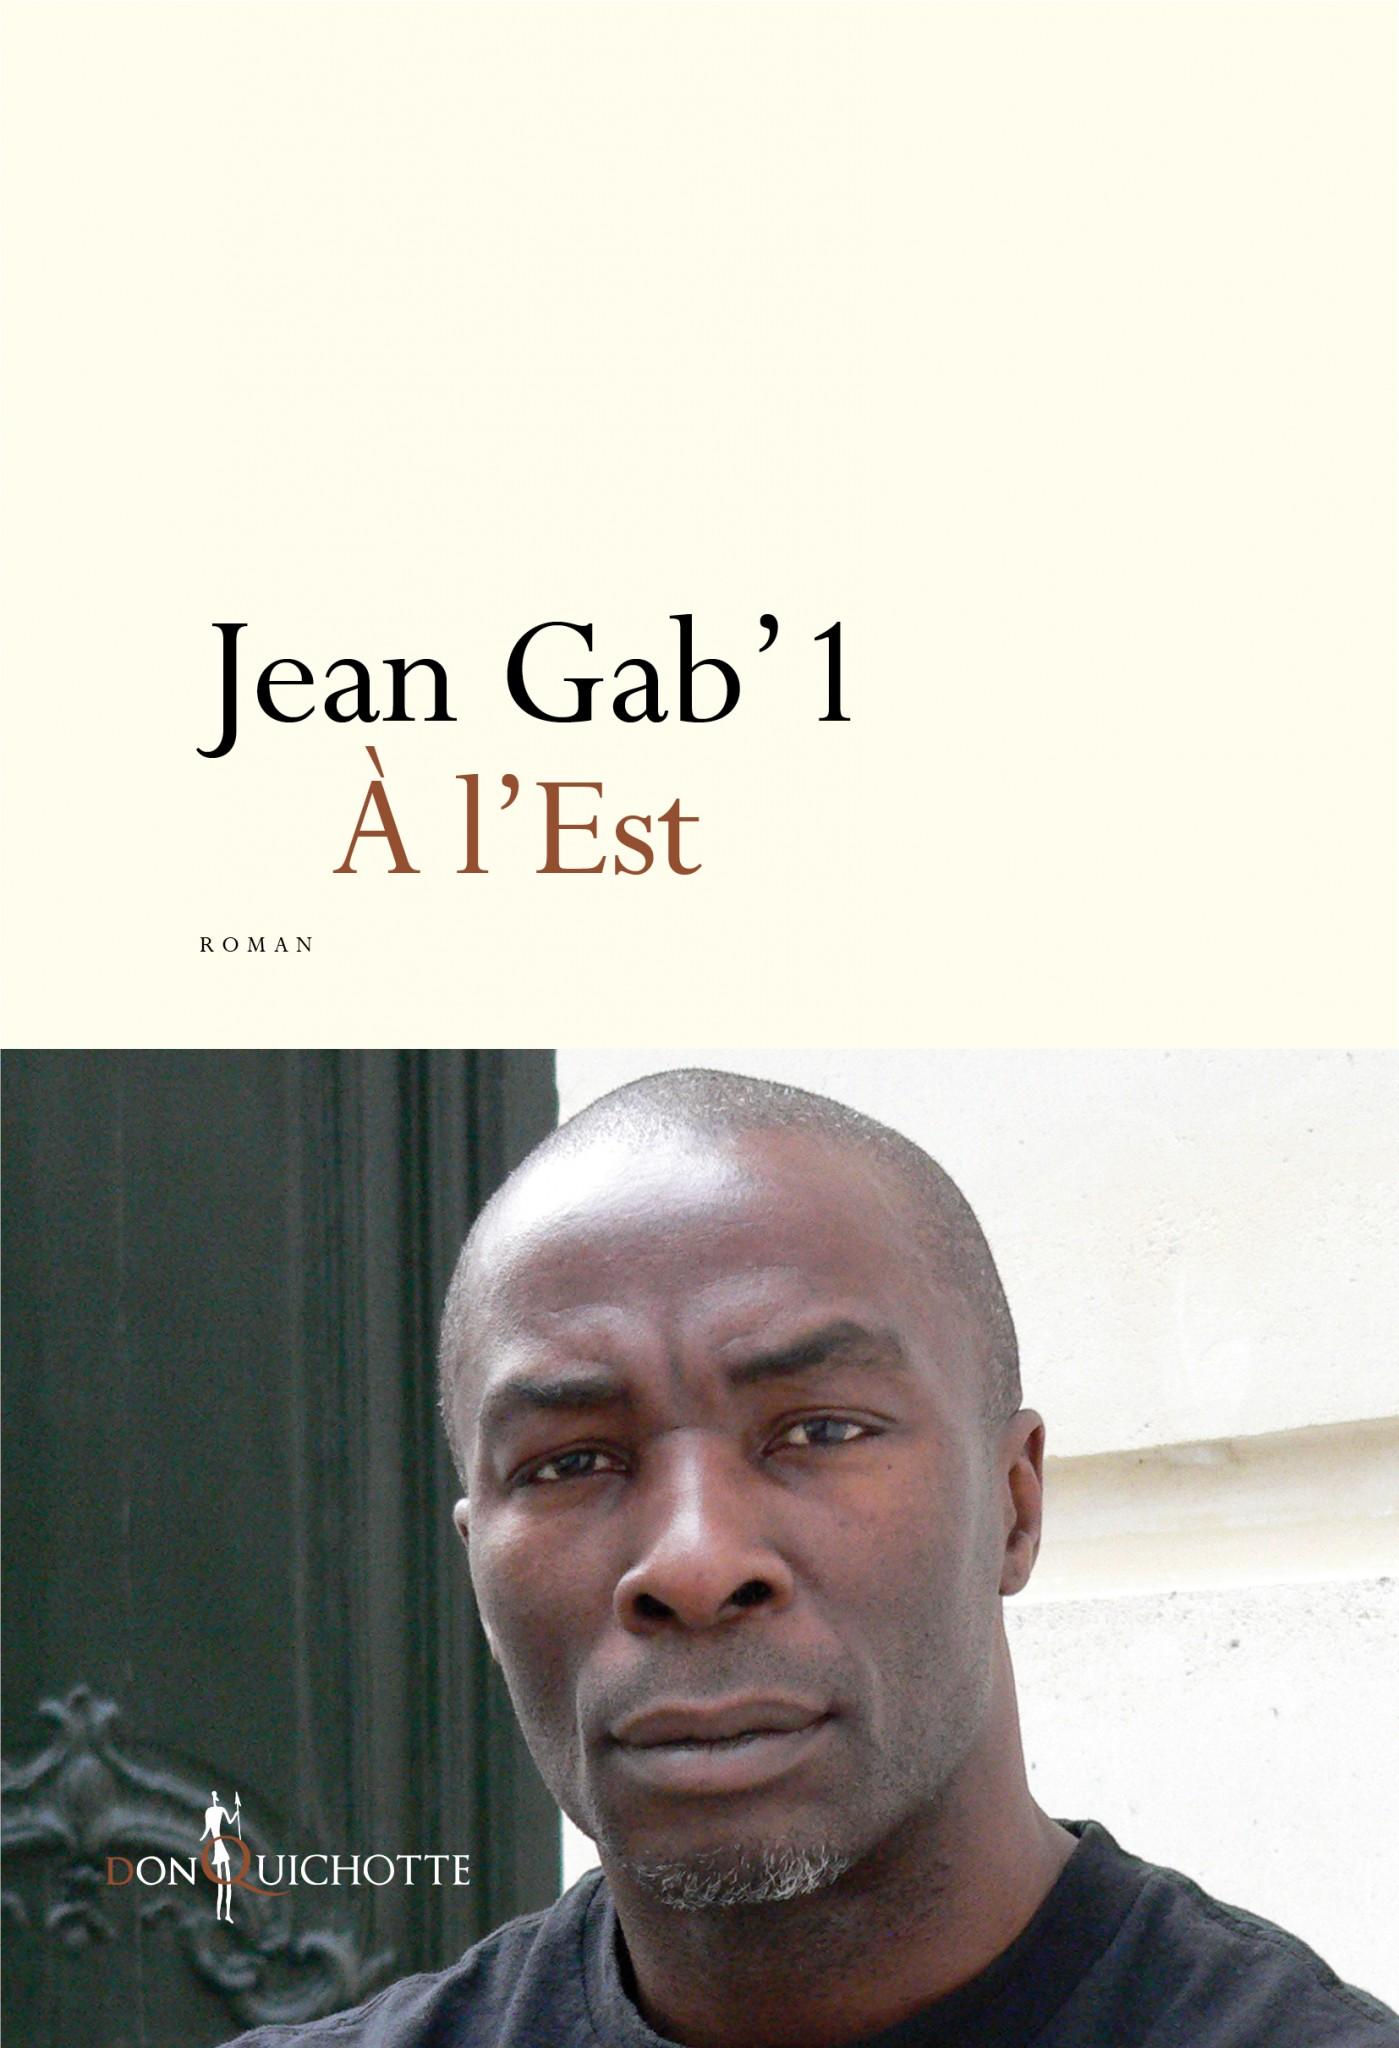 couv_gab1_est